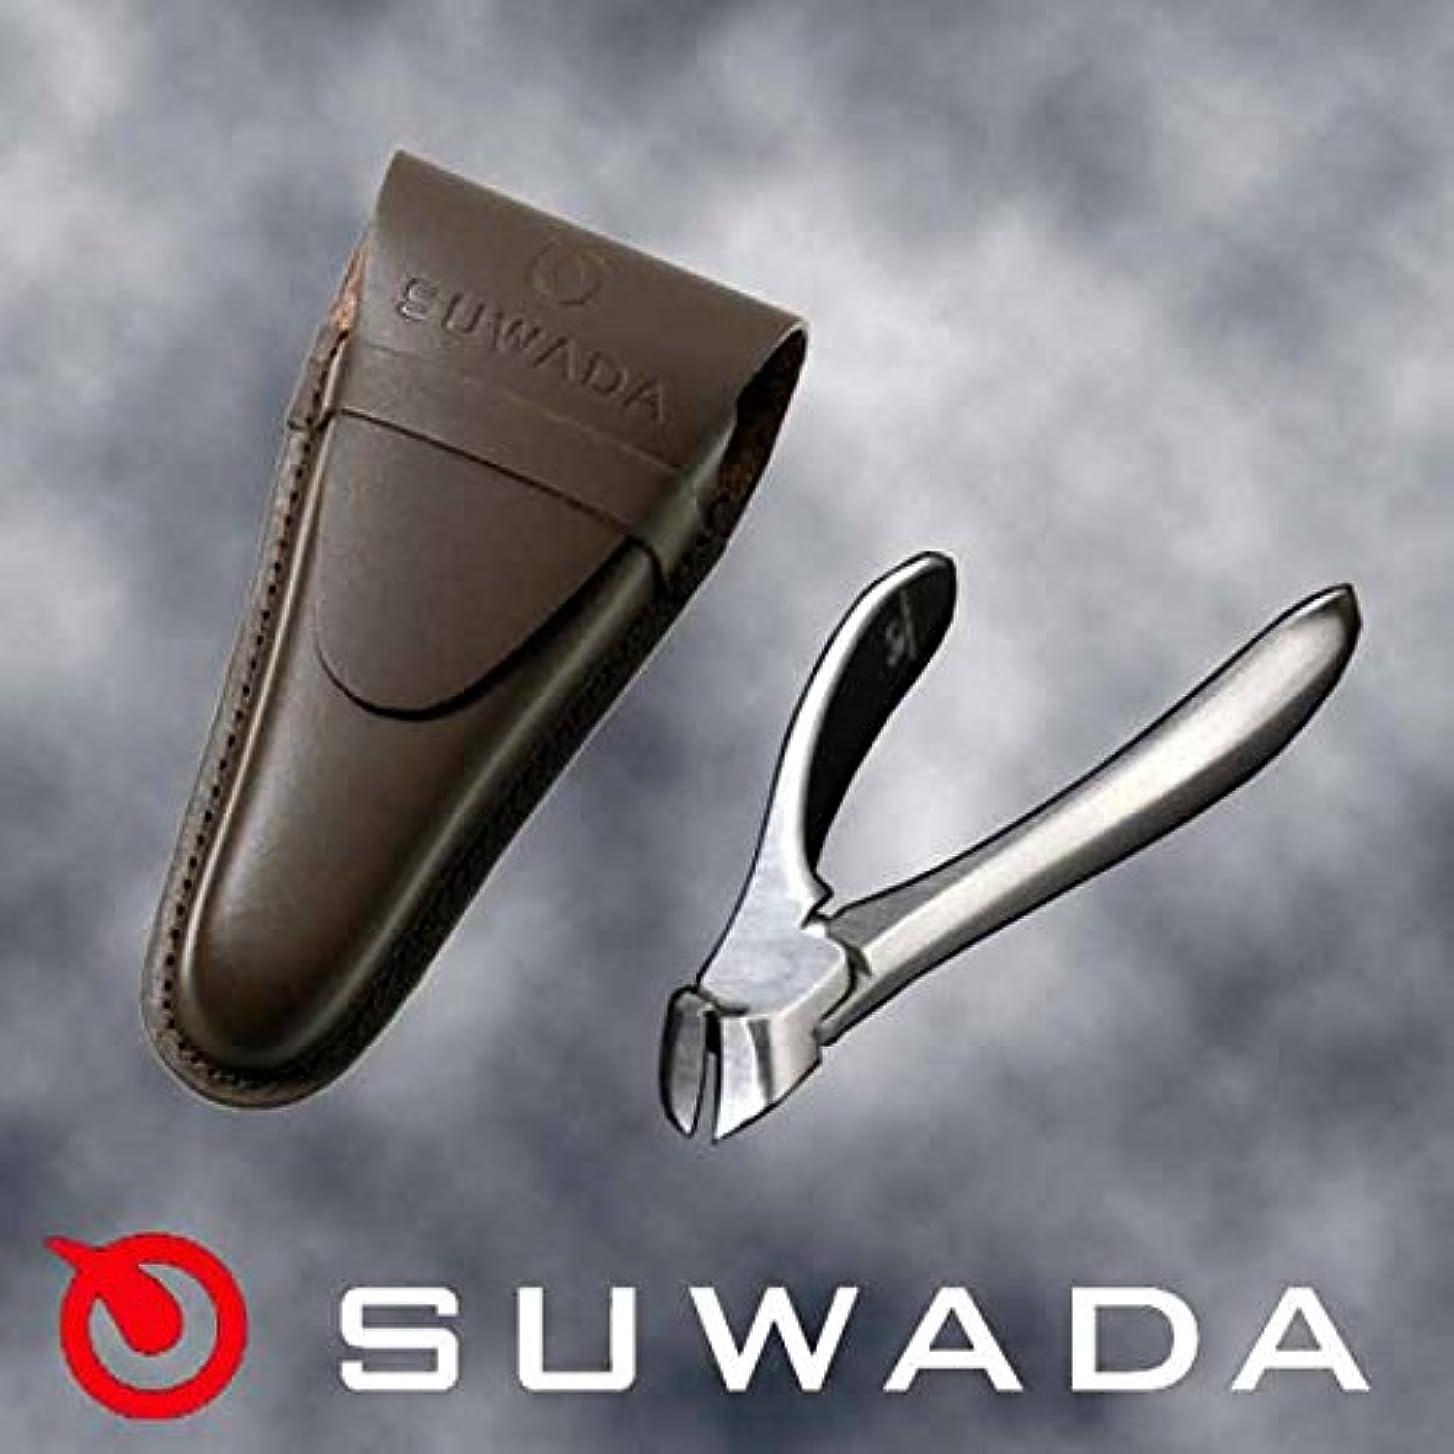 不調和ルーキーユーザーSUWADA爪切りクラシックS&ブラウン(茶)革ケースセット 特注モデル 諏訪田製作所製 スワダの爪切り